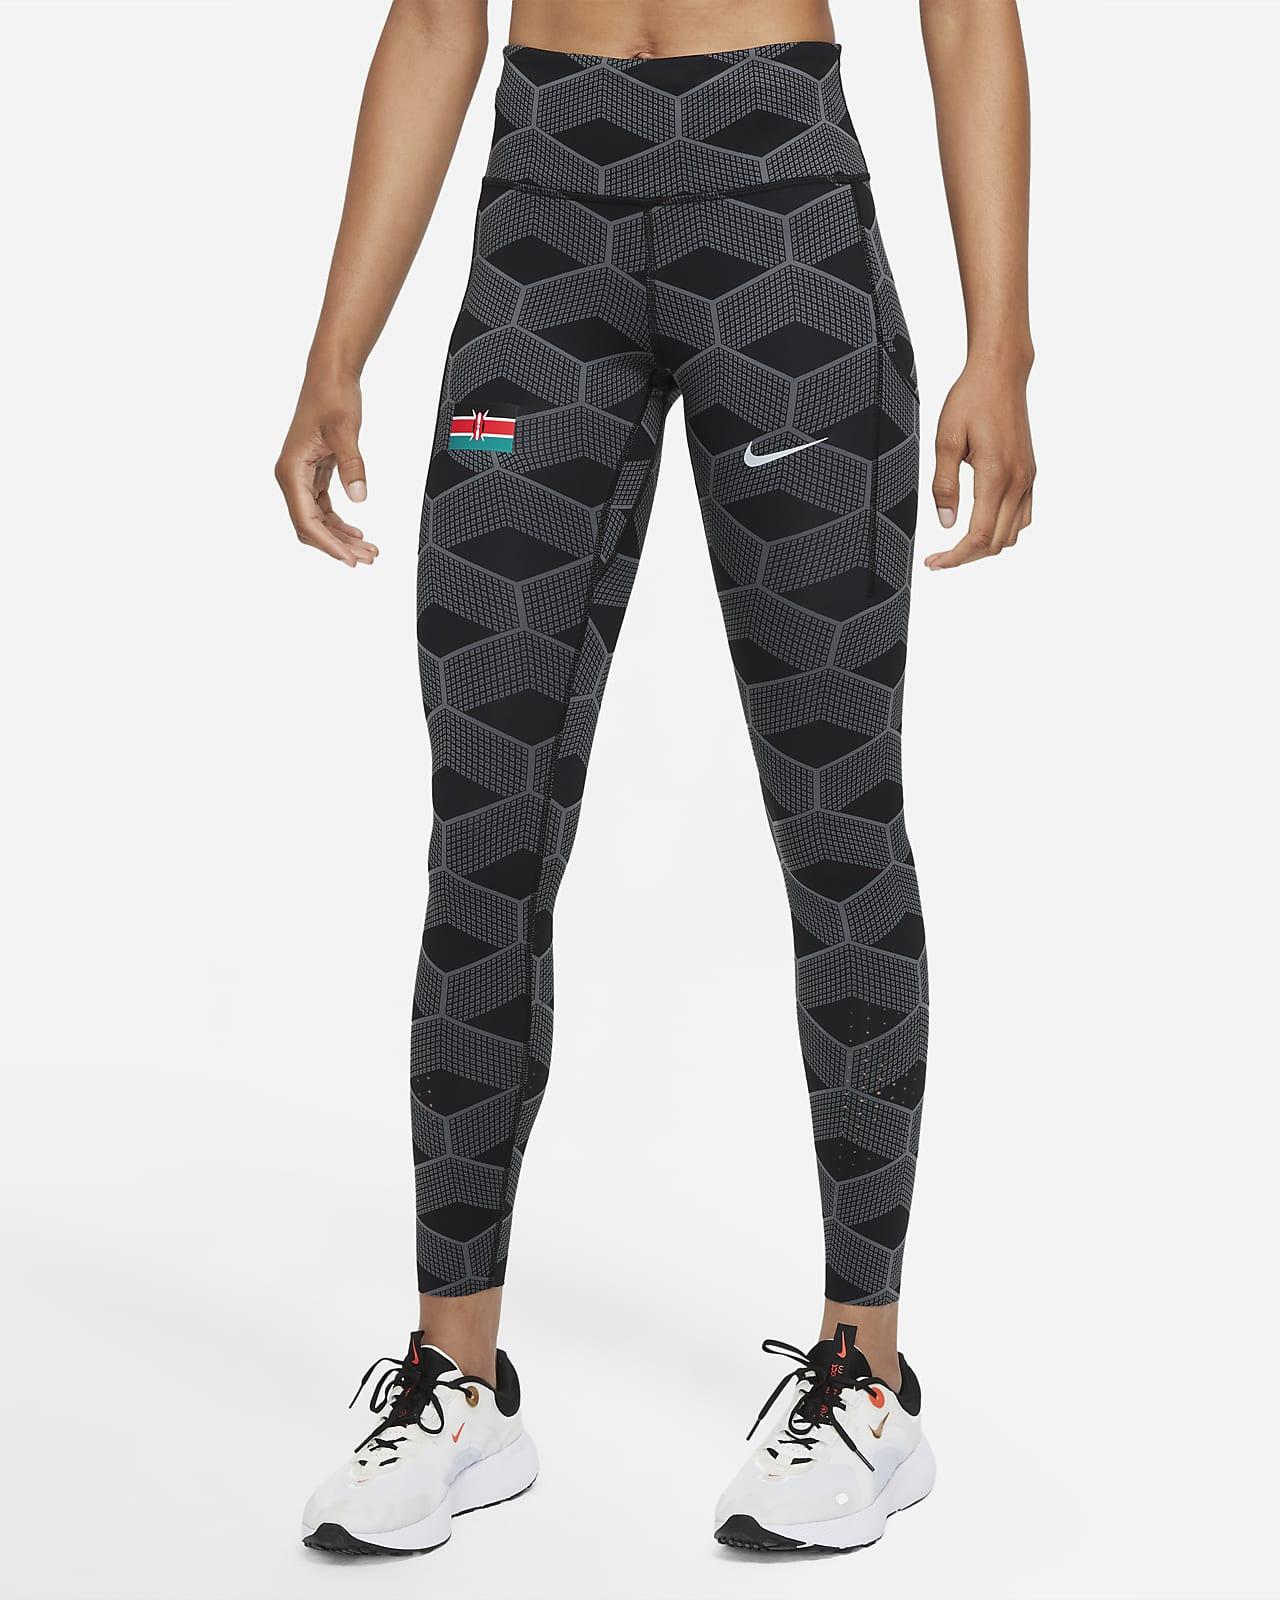 Nike Team Kenya Epic Luxe középmagas derekú női futóleggings